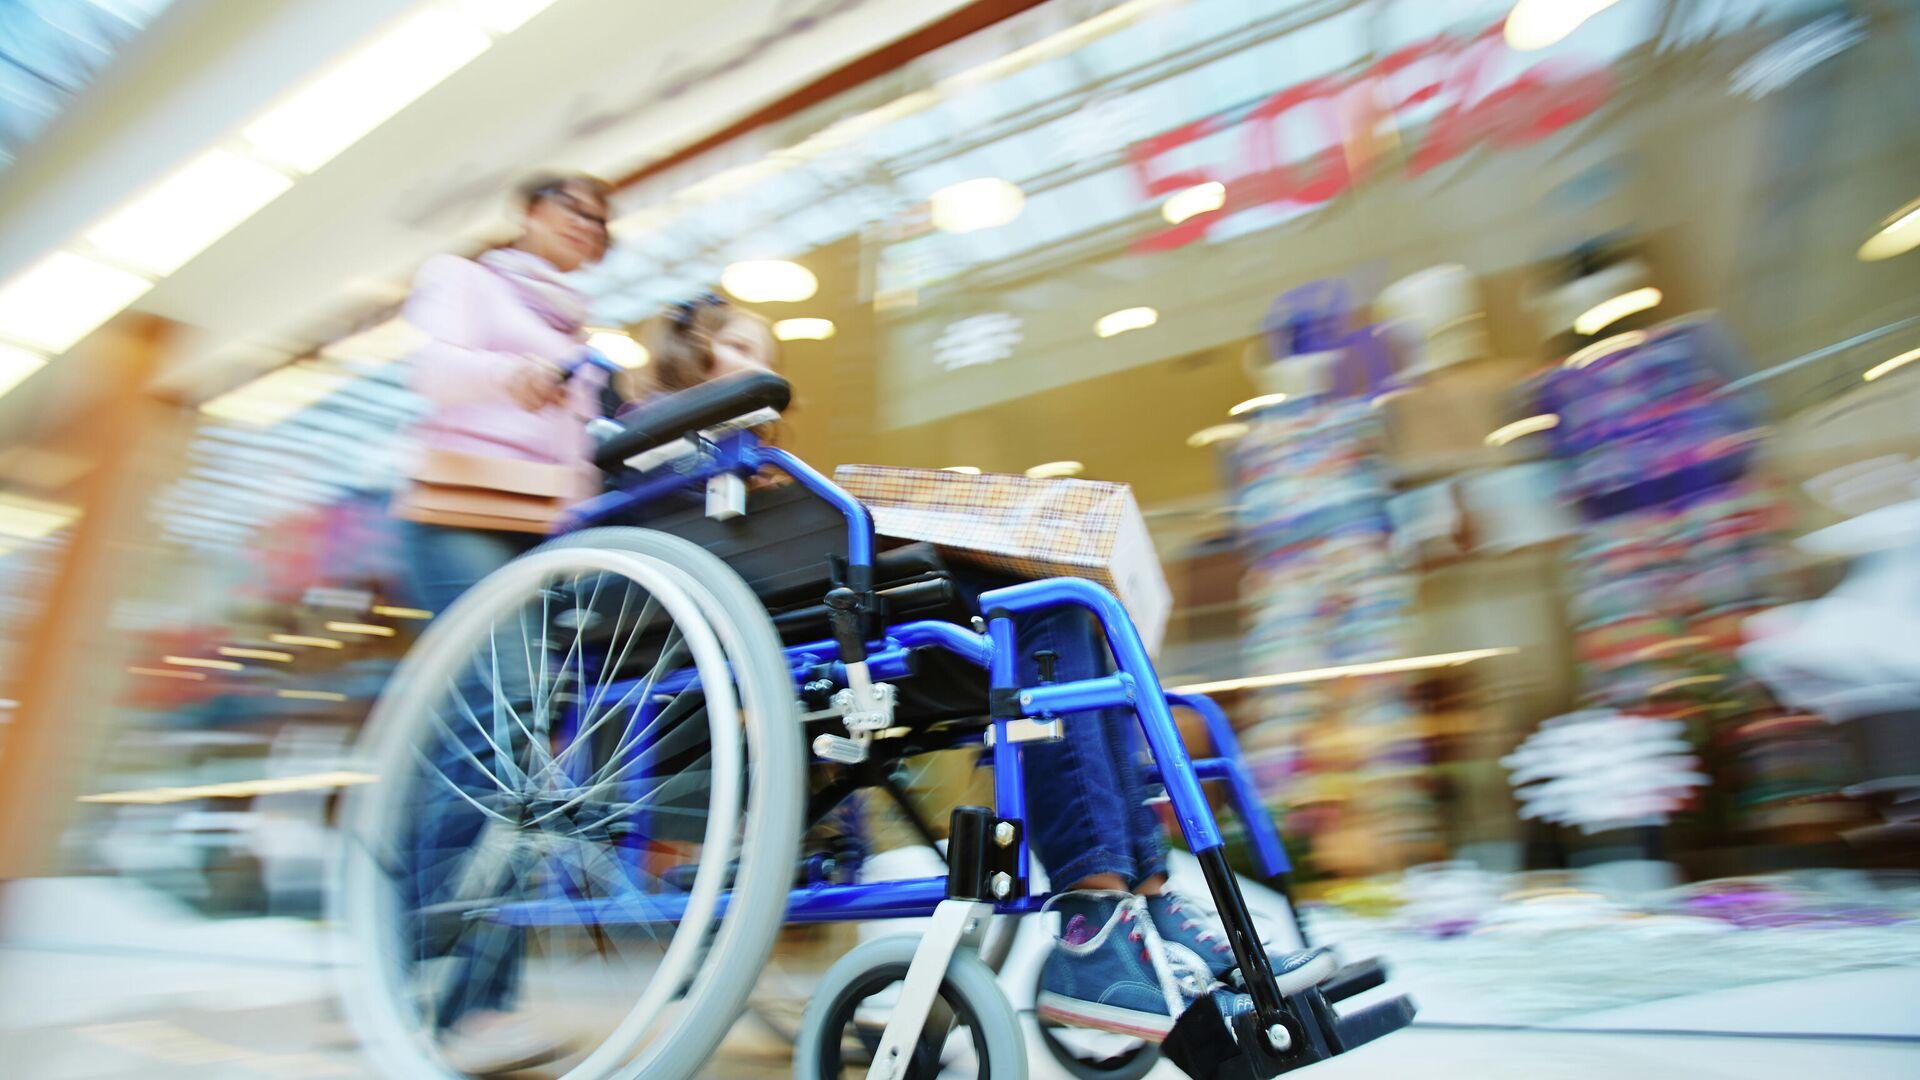 Женщина с ребенком в инвалидной коляске - РИА Новости, 1920, 26.07.2021